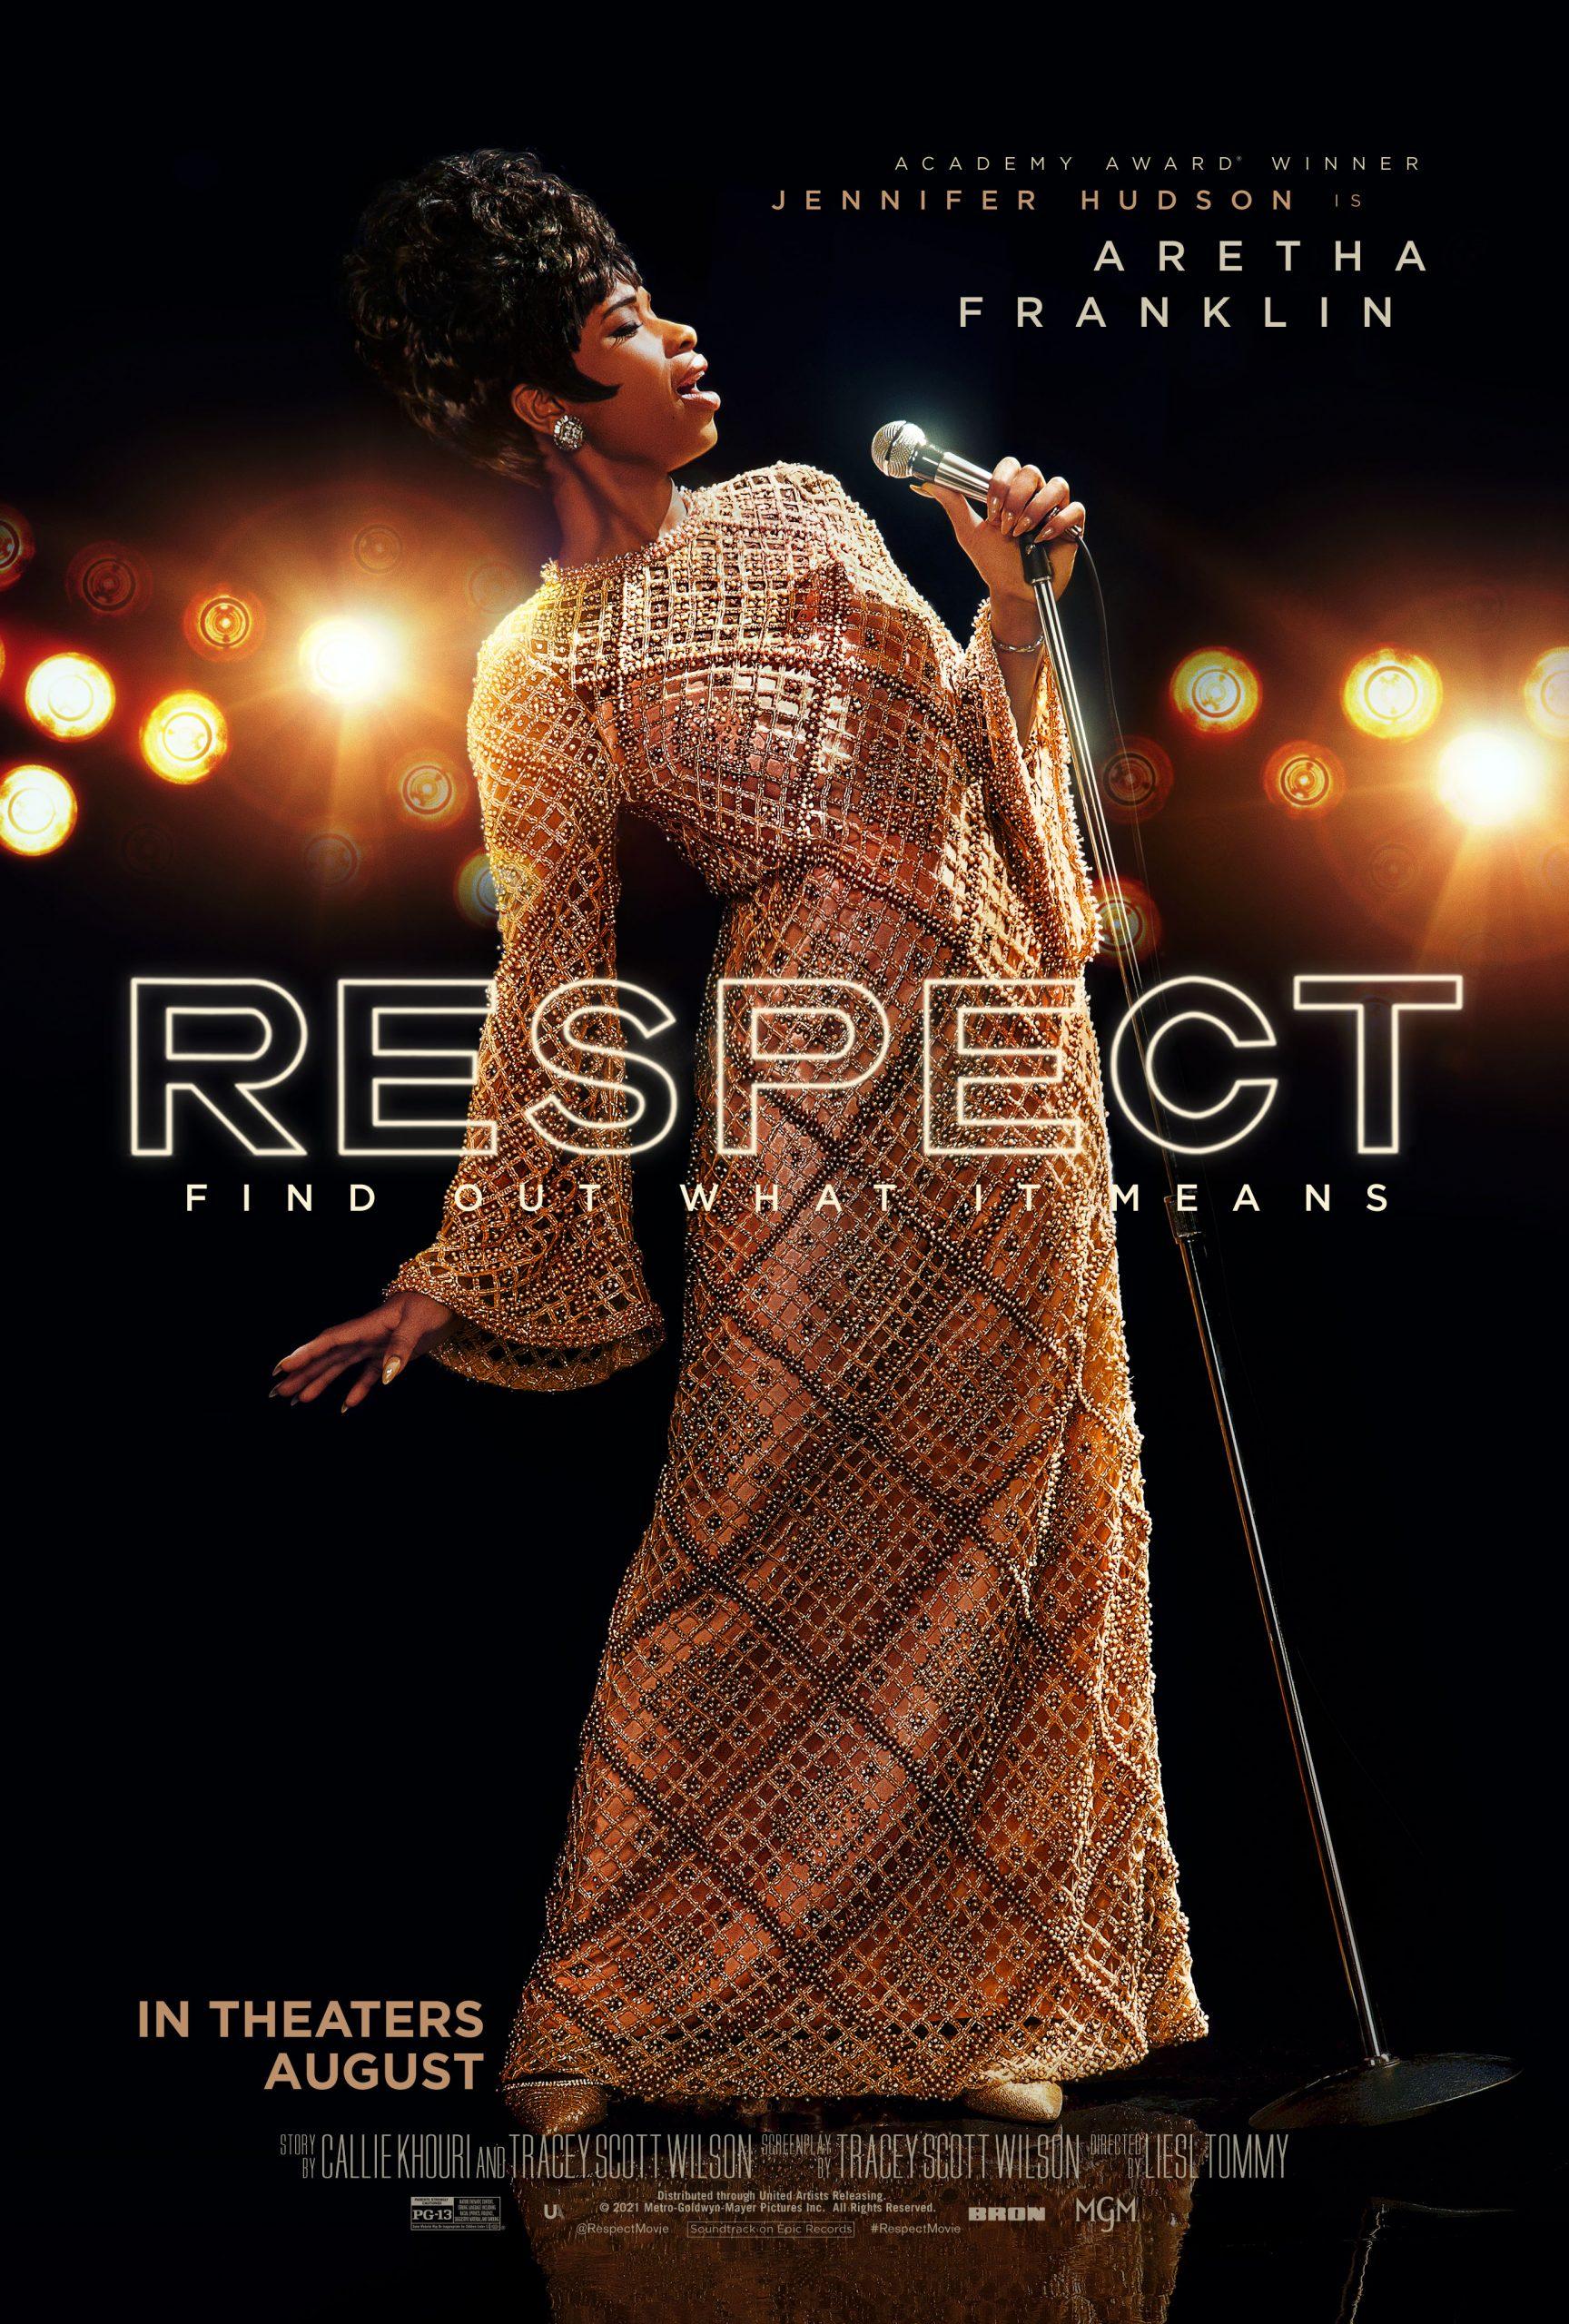 'Respect' New Poster And New Film Stills, Starring Jennifer Hudson